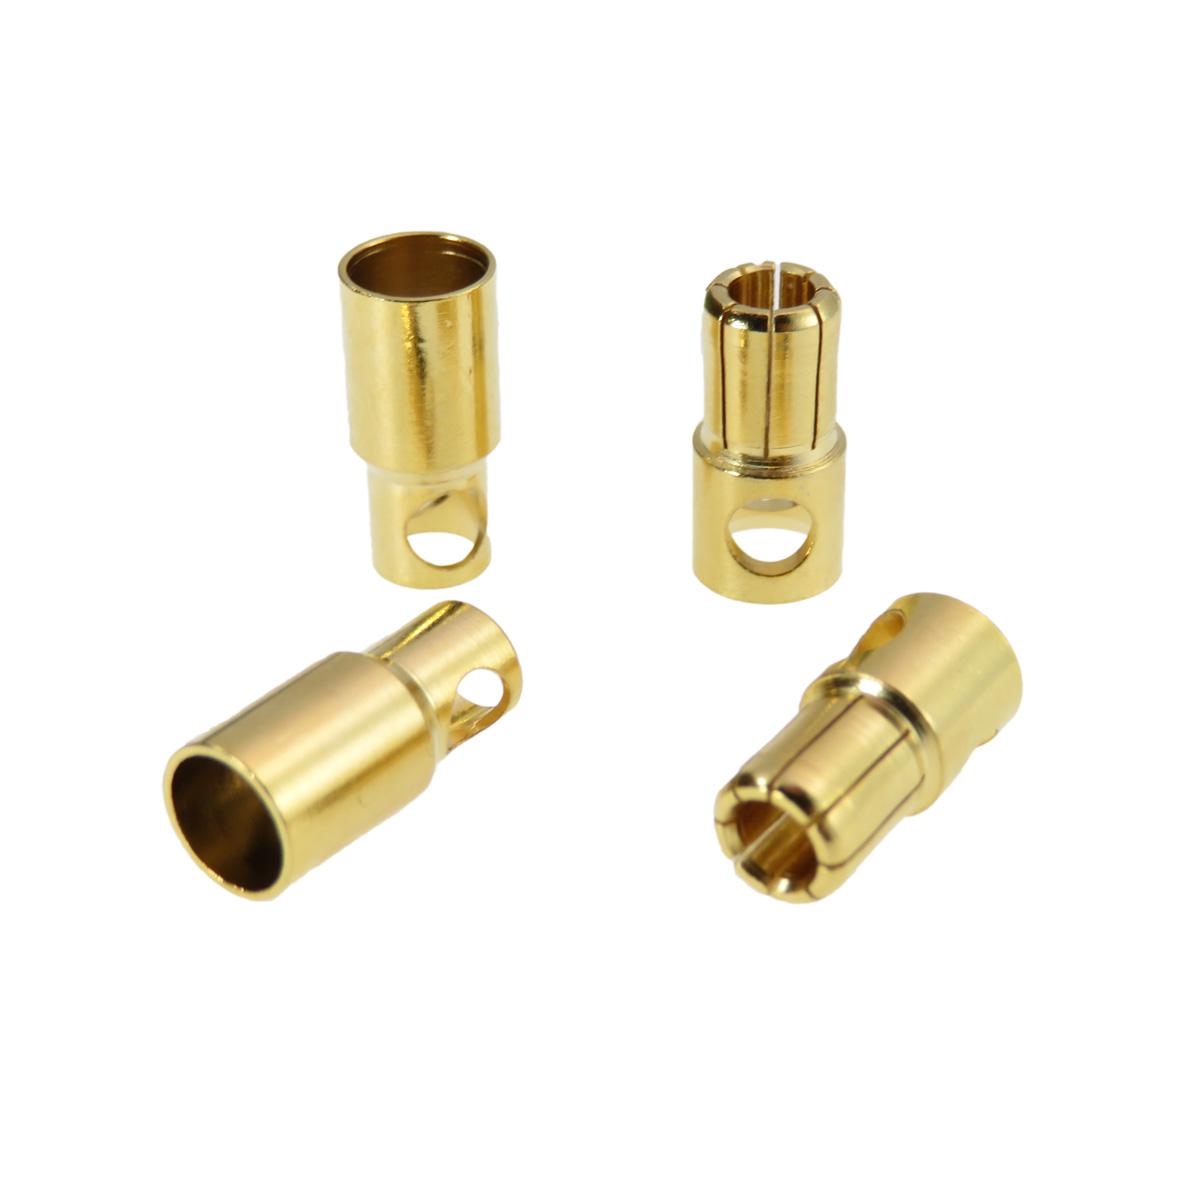 ヨーロピアンコネクター φ6mm オス・メス各2個セット